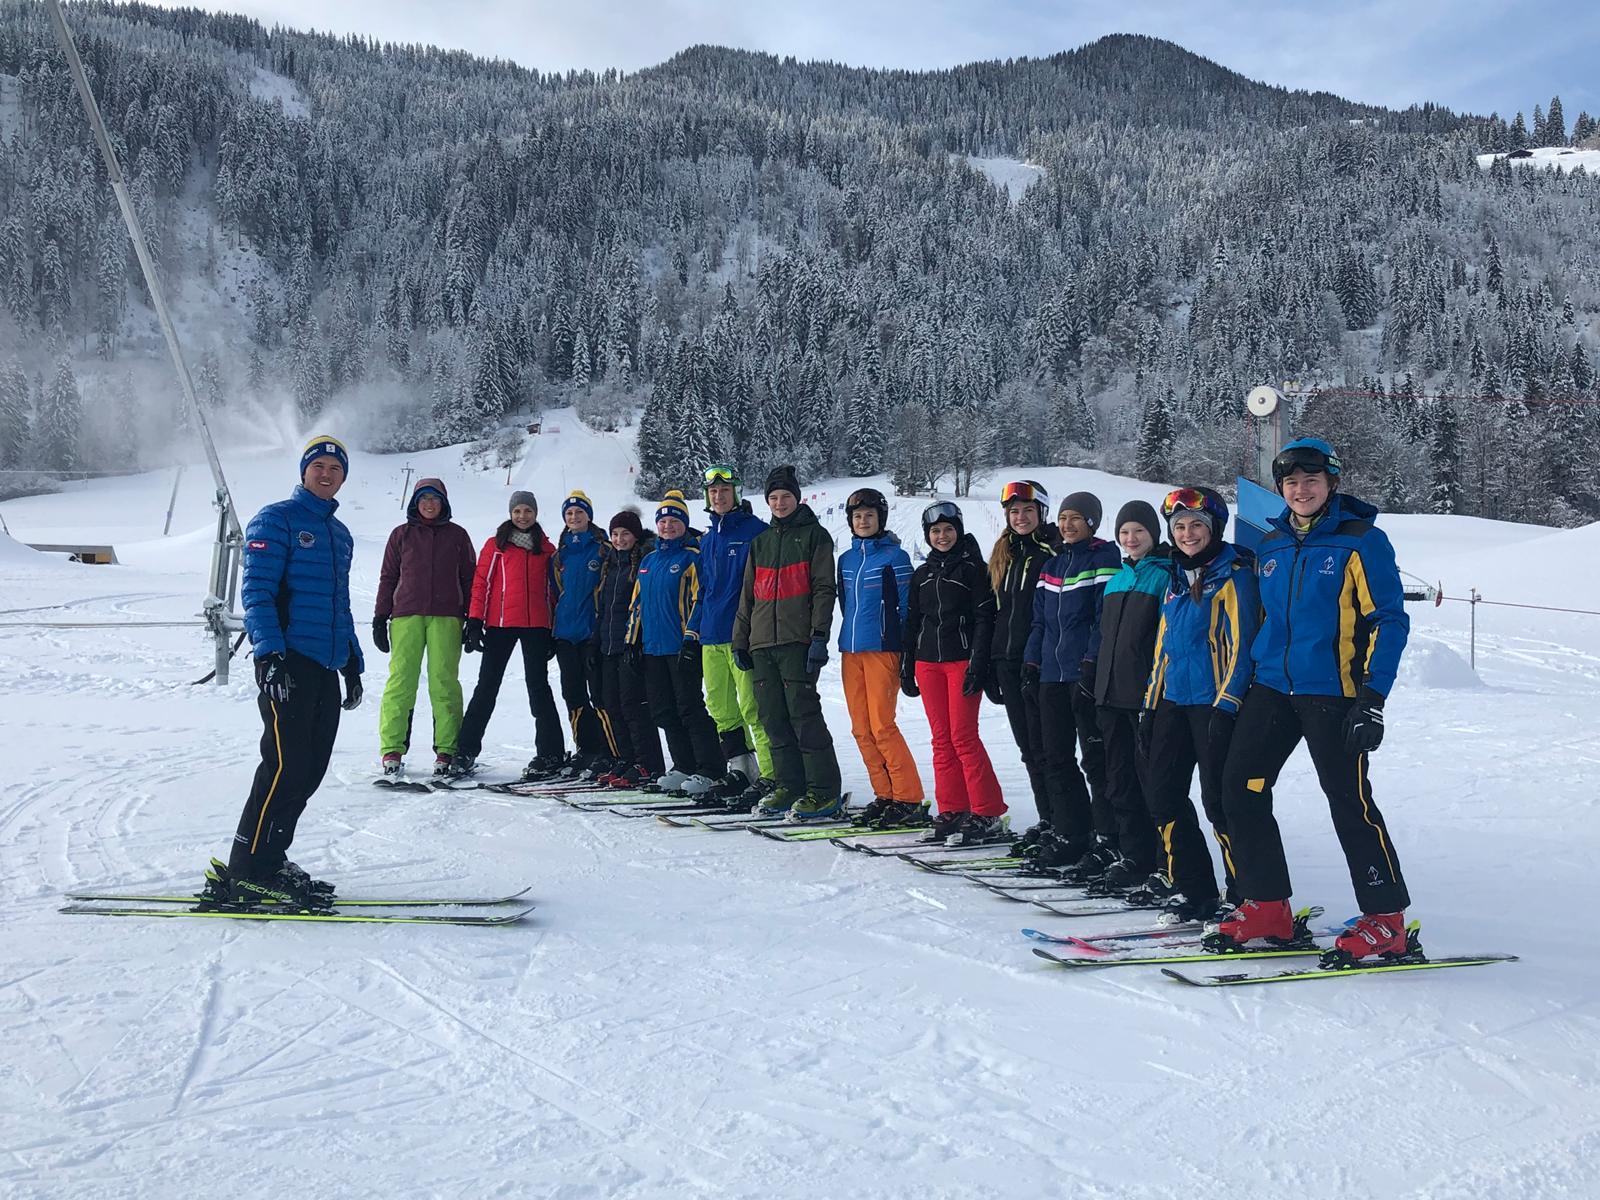 Qualität der Skilehrer ist ein wichtiger Pfeiler der Philosphie der Skischule Reith bei Kitzbühel - daher werden jährlich neue, junge Skilehrer hausintern ausgebildet